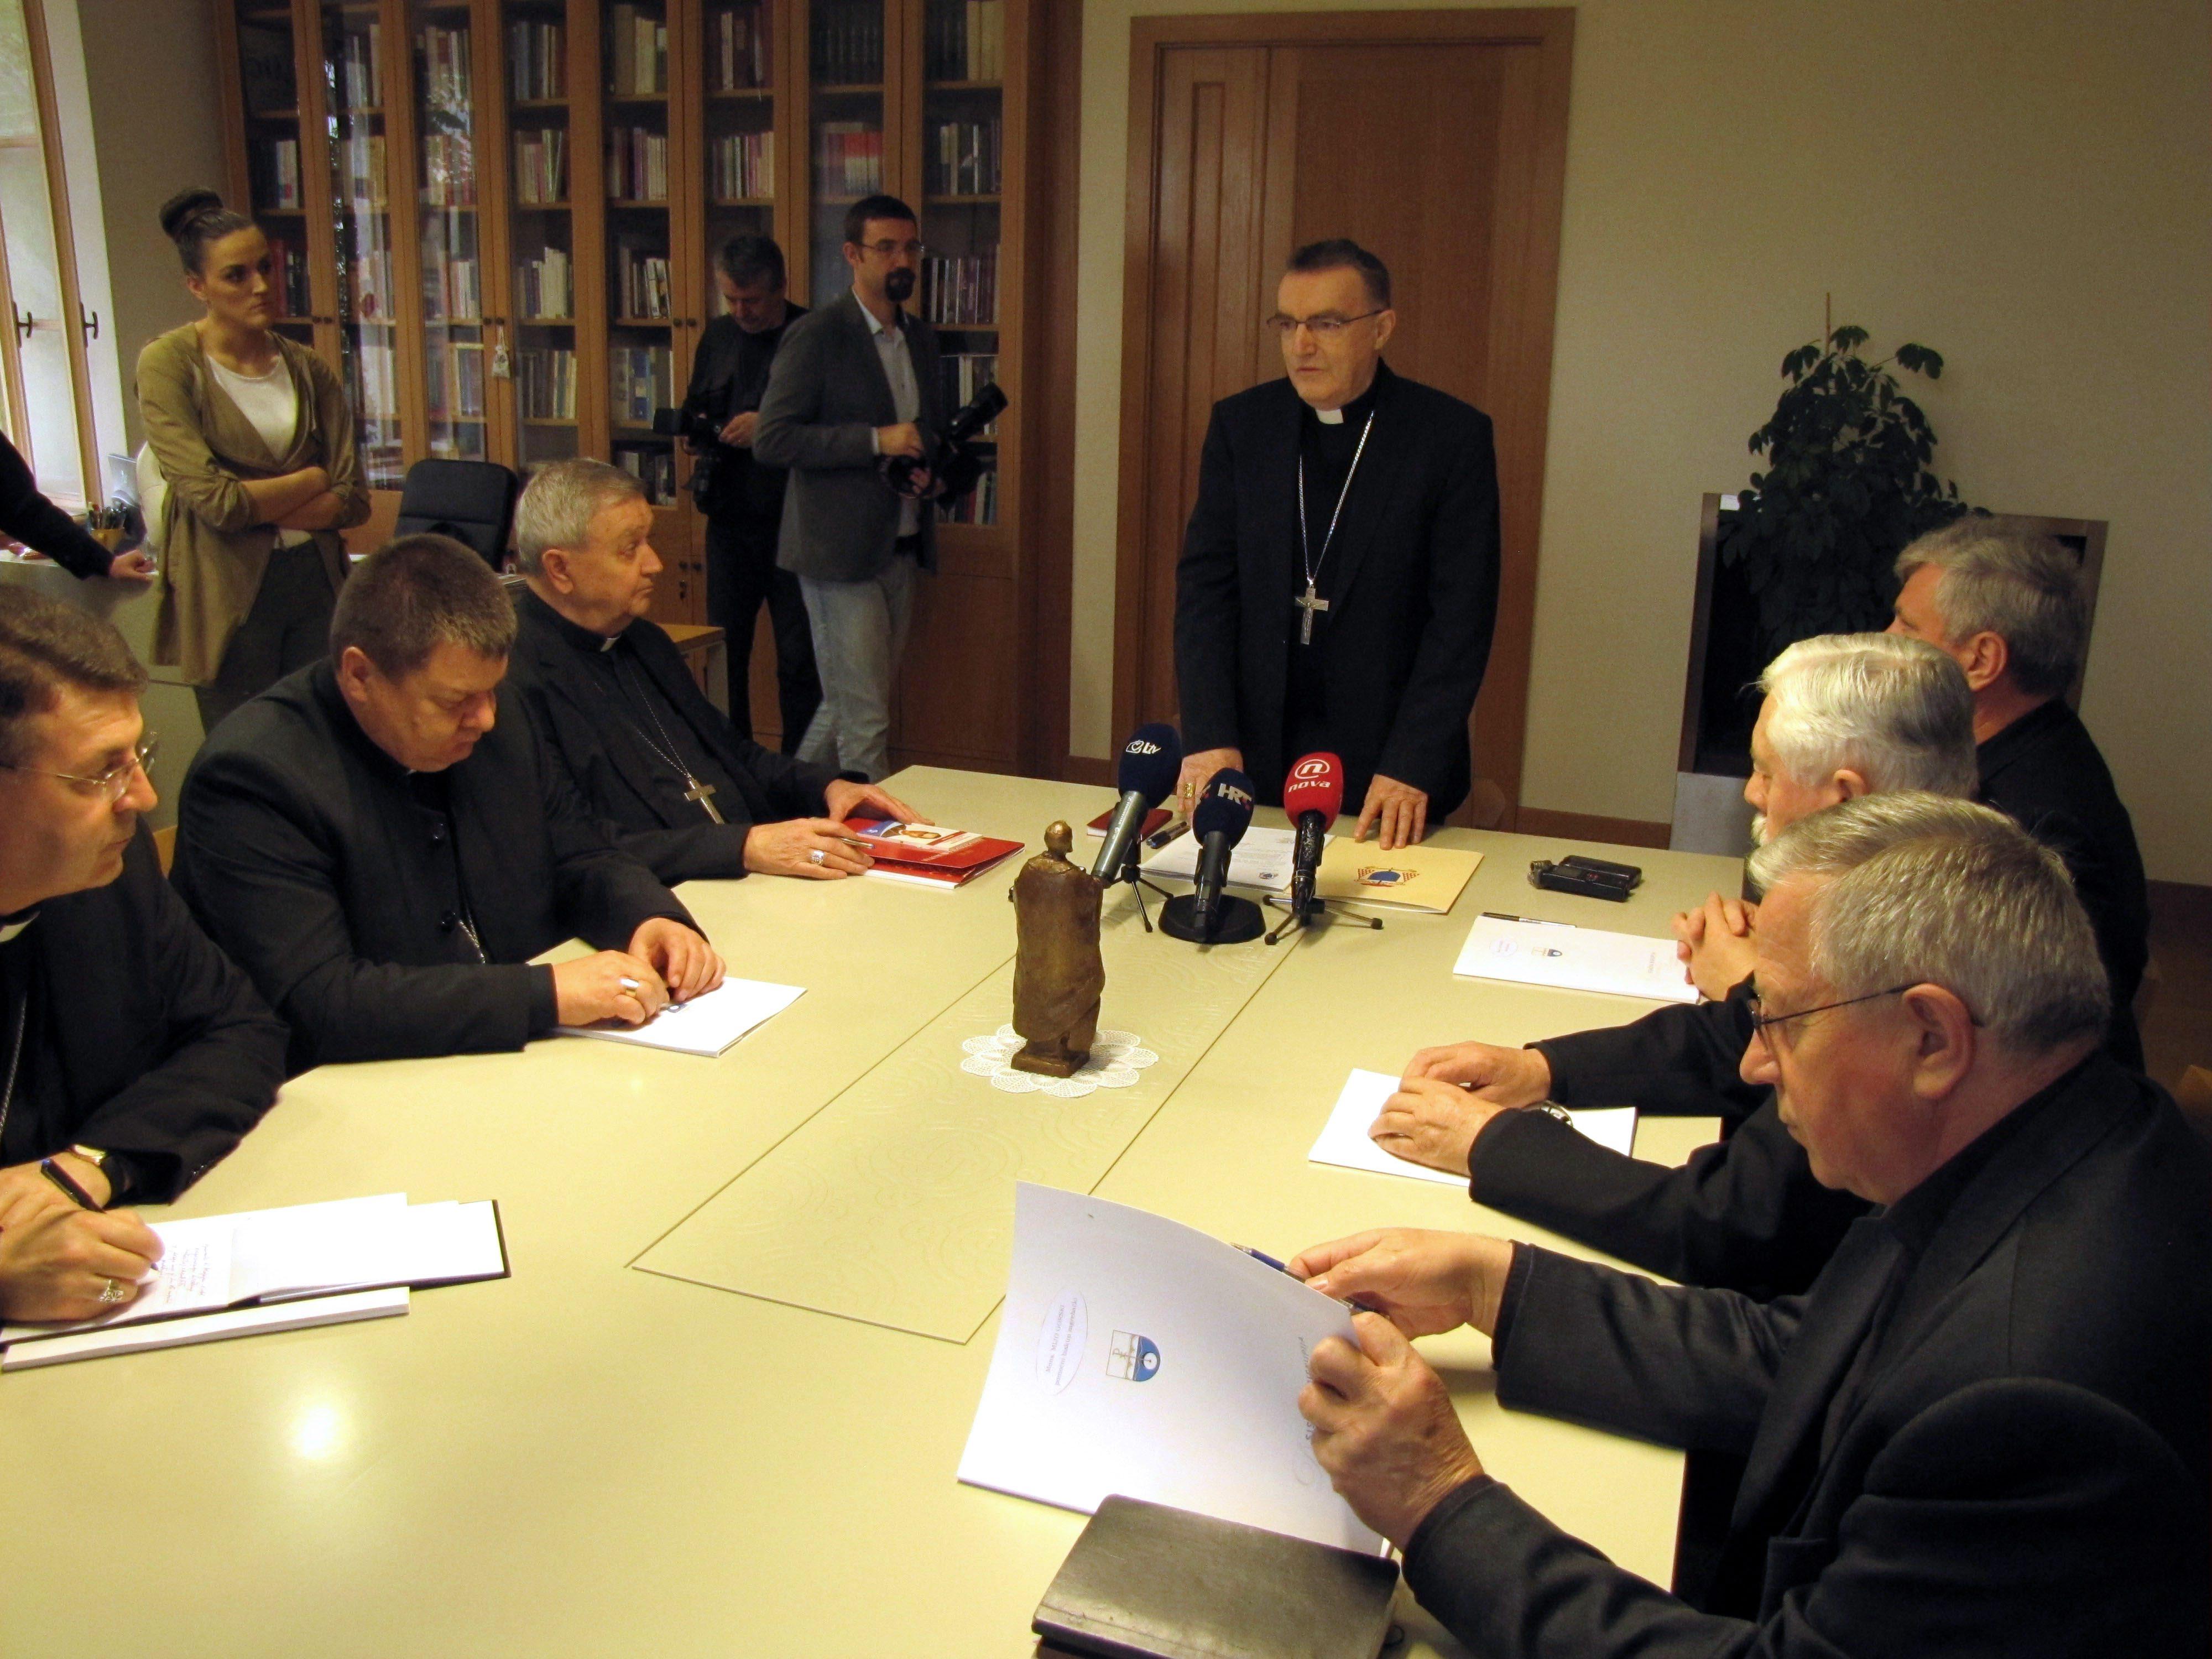 Održana sjednica biskupa Zagrebačke crkvene pokrajine pod predsjedanjem zagrebačkog nadbiskupa i metropolita kardinala Josipa Bozanića.